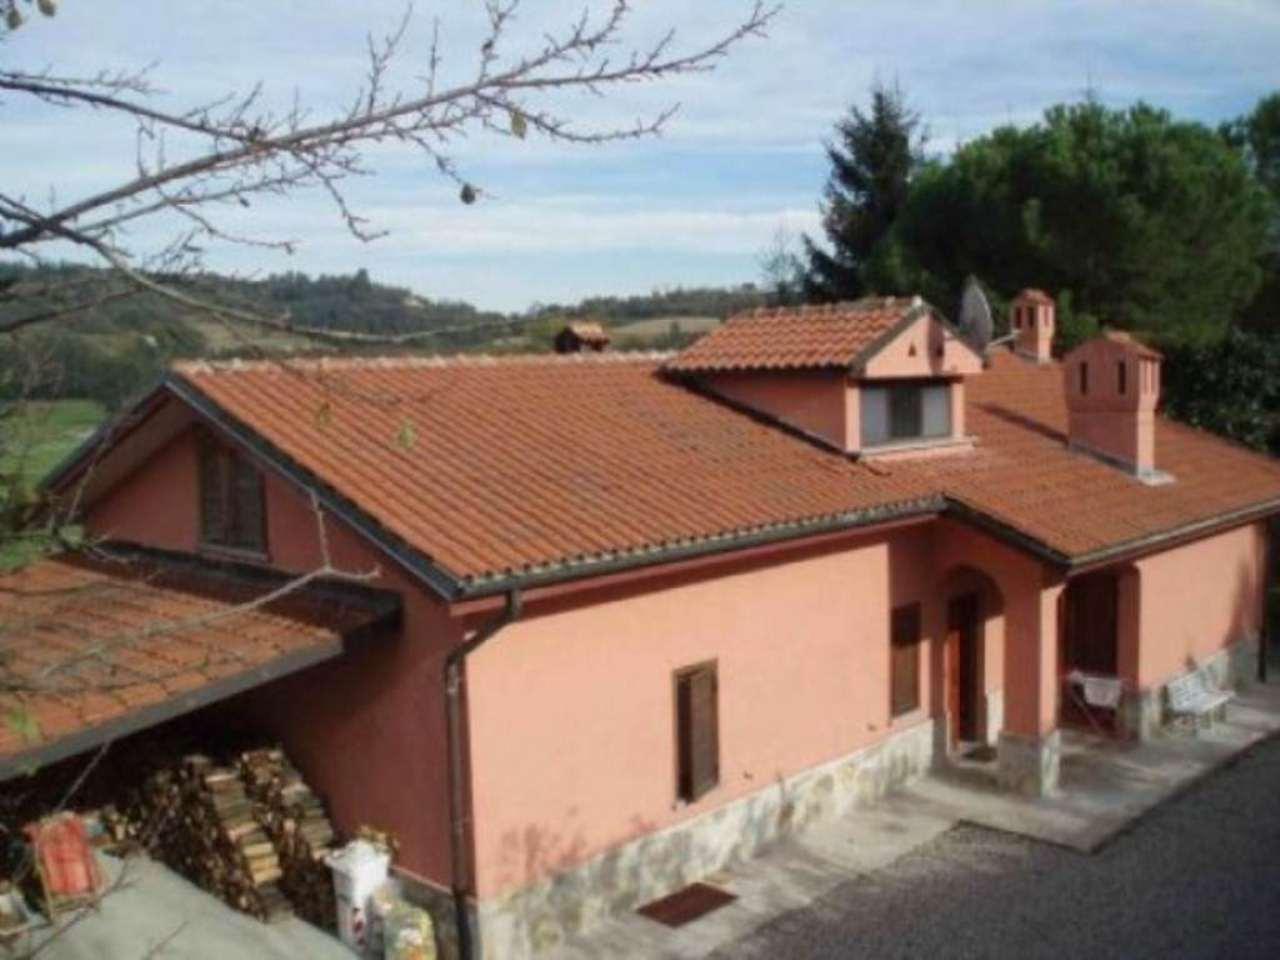 Villa in vendita a Moncucco Torinese, 6 locali, prezzo € 450.000 | Cambio Casa.it